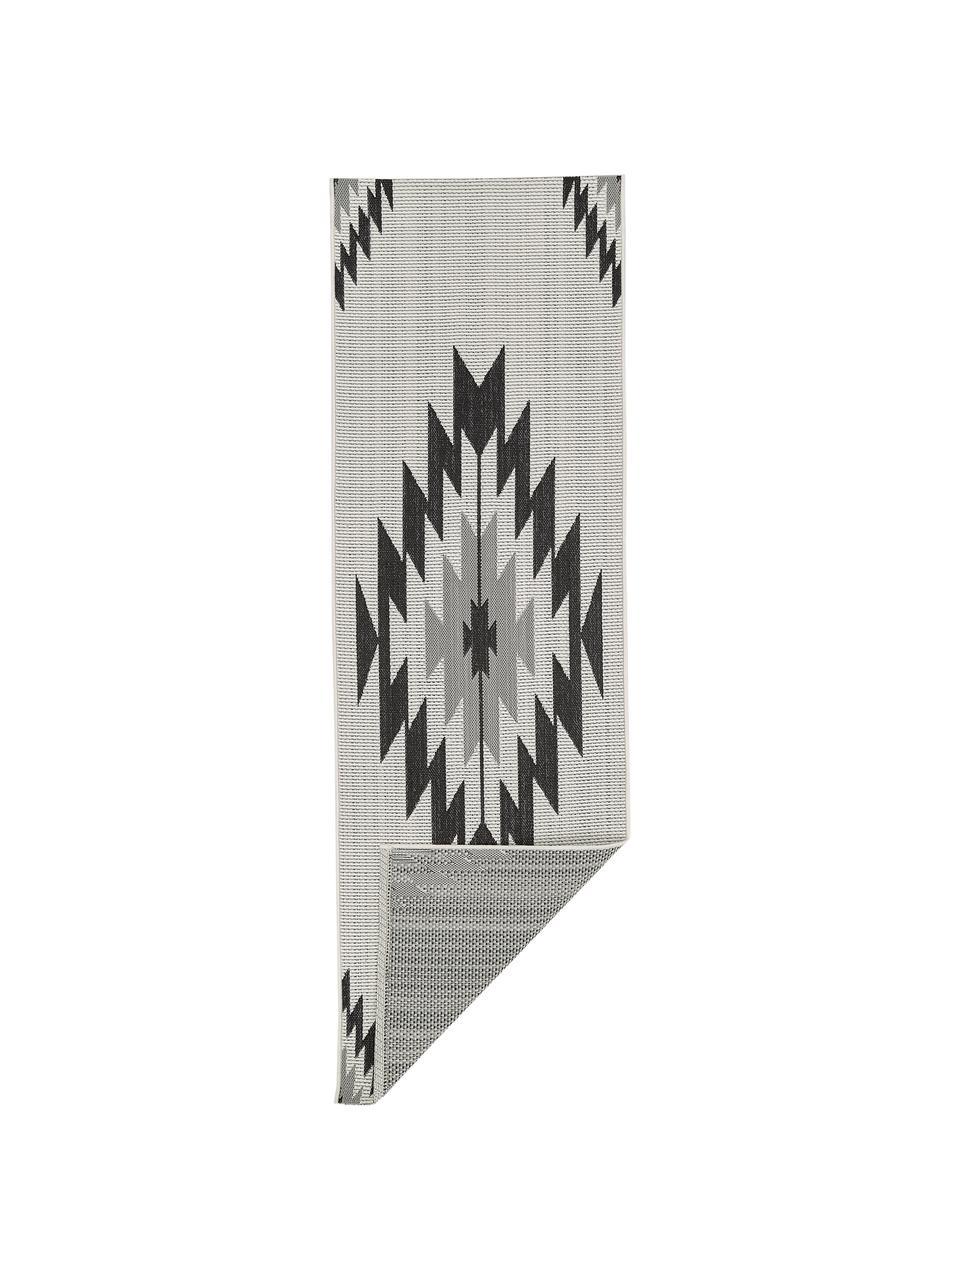 Chodnik wewnętrzny/zewnętrzny w stylu etno Ikat, 86% polipropylen, 14% poliester, Kremowobiały, czarny, szary, S 80 x D 250 cm